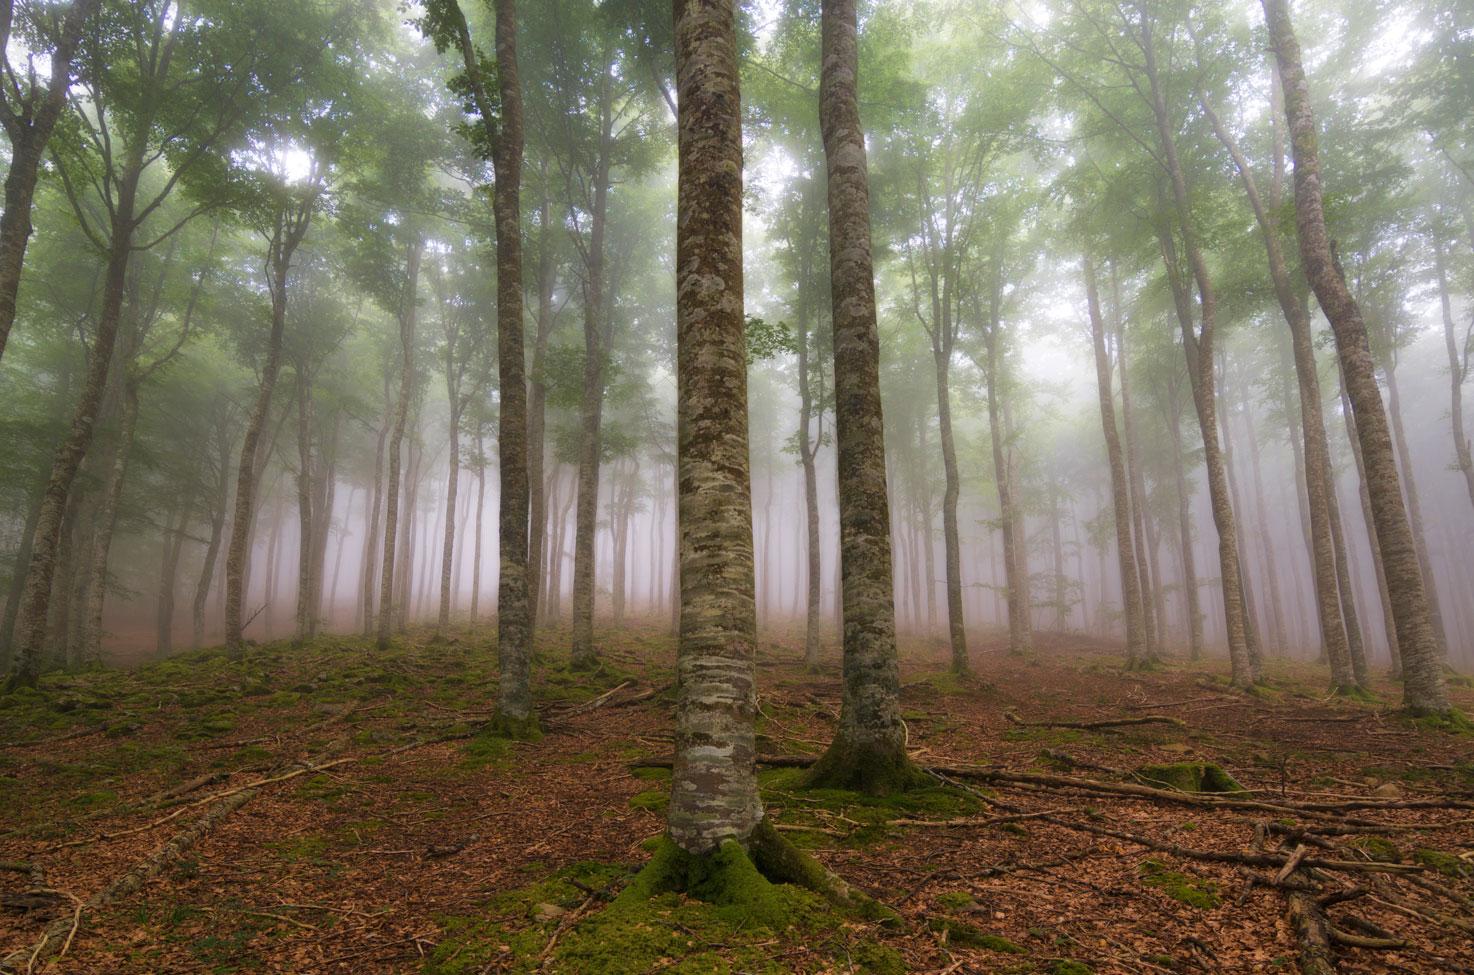 Hayedo, Aralar, Navarra. - Archivo - Iñaki Larrea, Fotografía de naturaleza y montaña